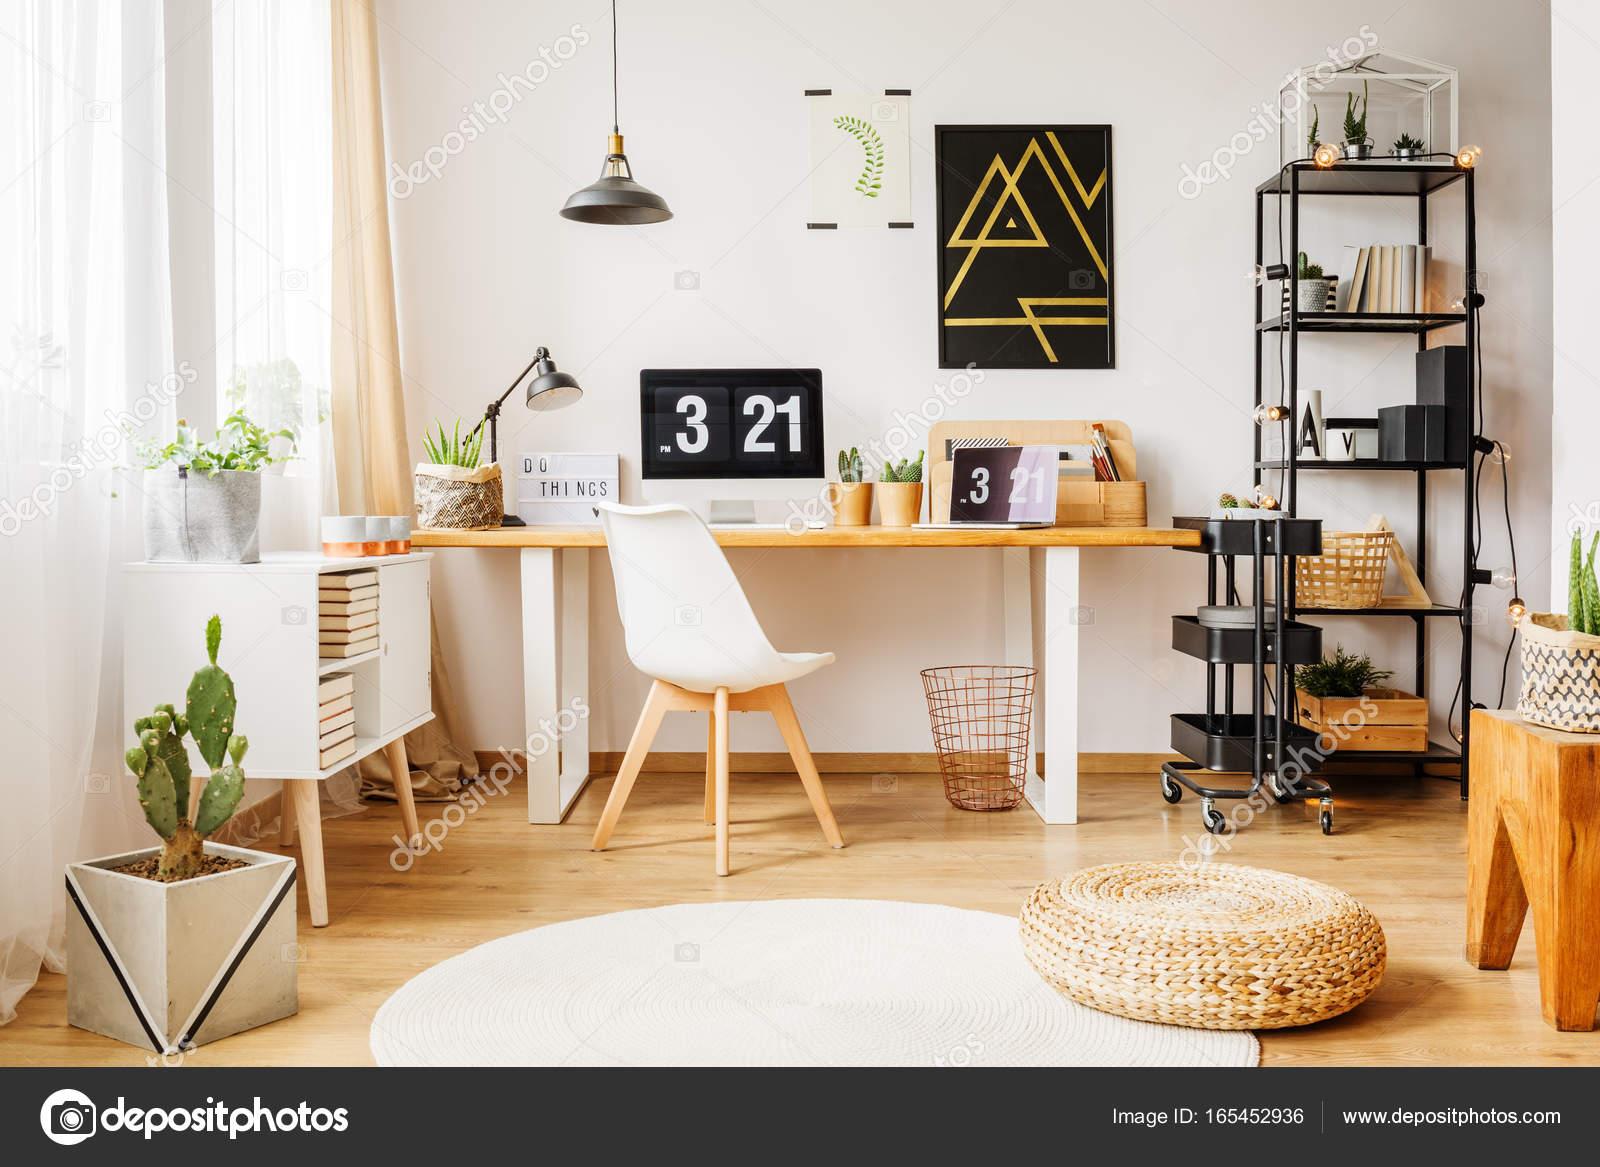 loft interieur mit schlichtem design bilder, skandinavischen raum in moderne loft — stockfoto © photographee.eu, Design ideen